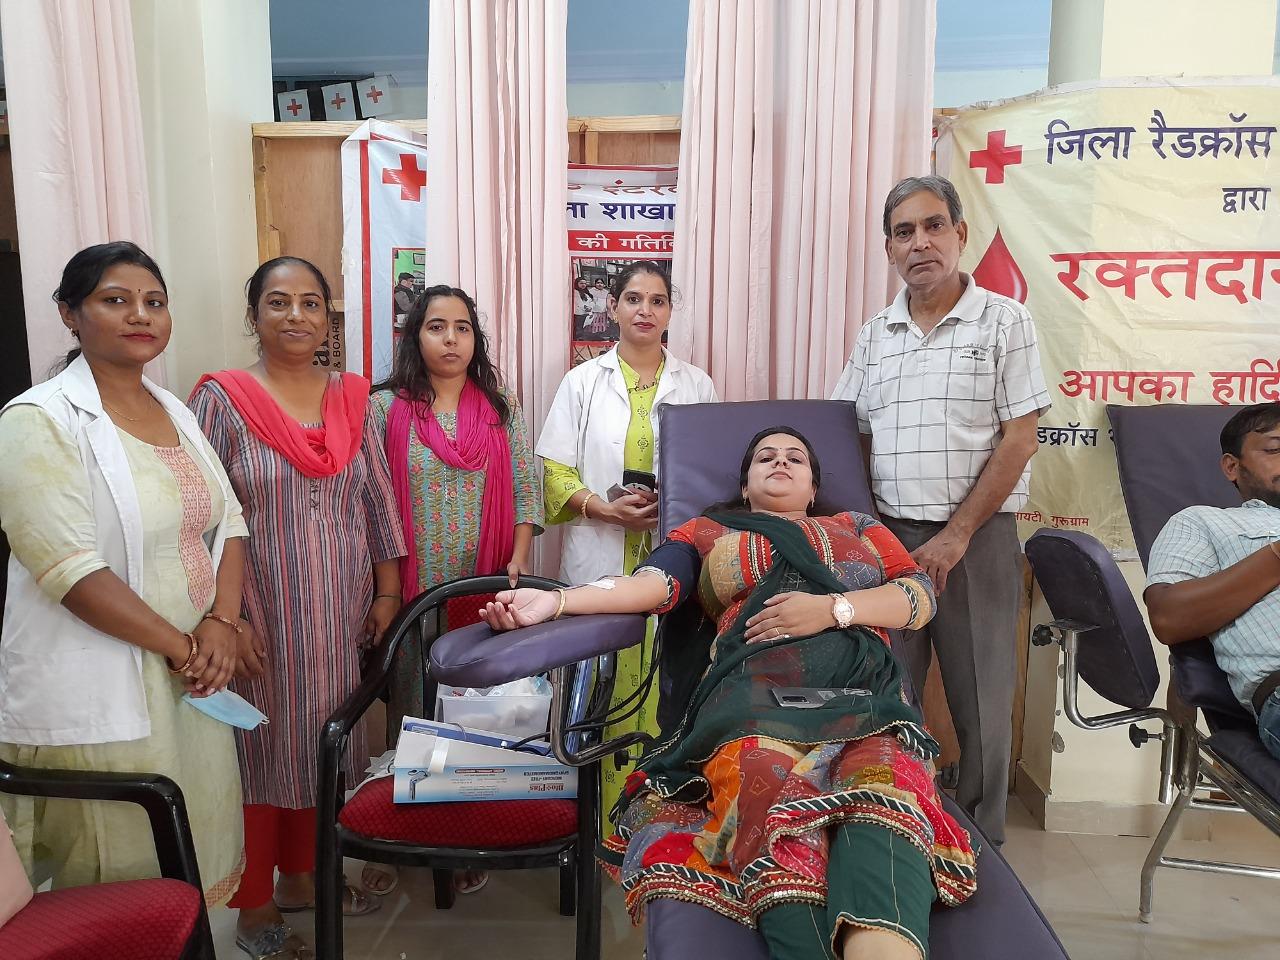 दिन-प्रतिदिन रक्तदान शिविर पर दिया जा रहा ध्यान : विकास कुमार